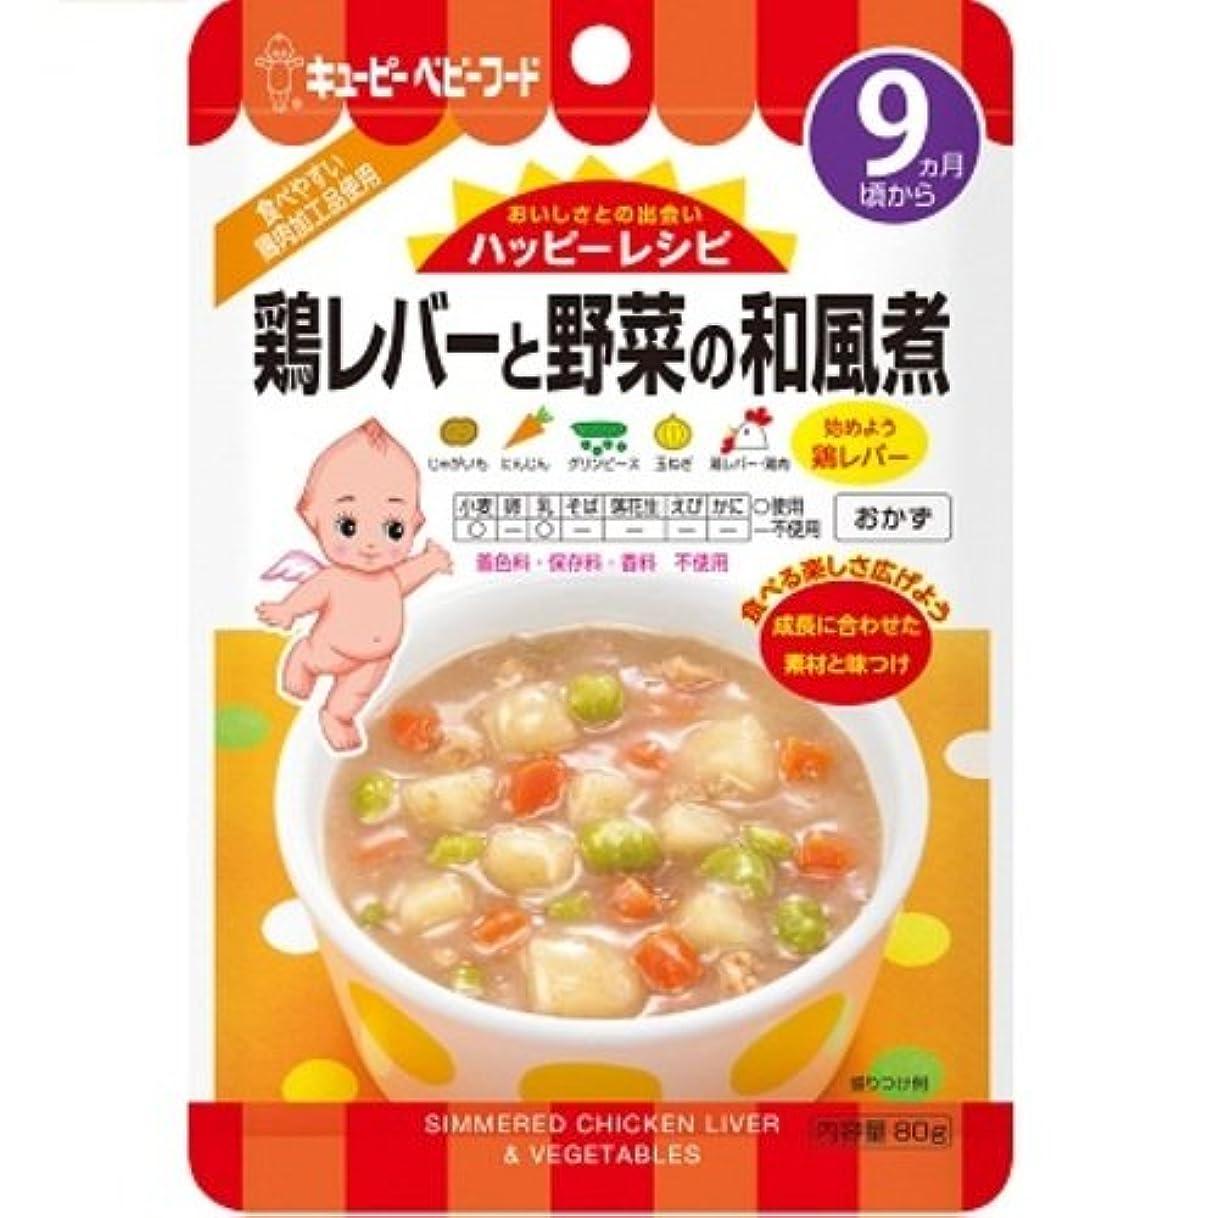 舌スパイ舌キユーピーベビーフード ハッピーレシピ 鶏レバーと野菜の和風煮 80g 9ヶ月頃から